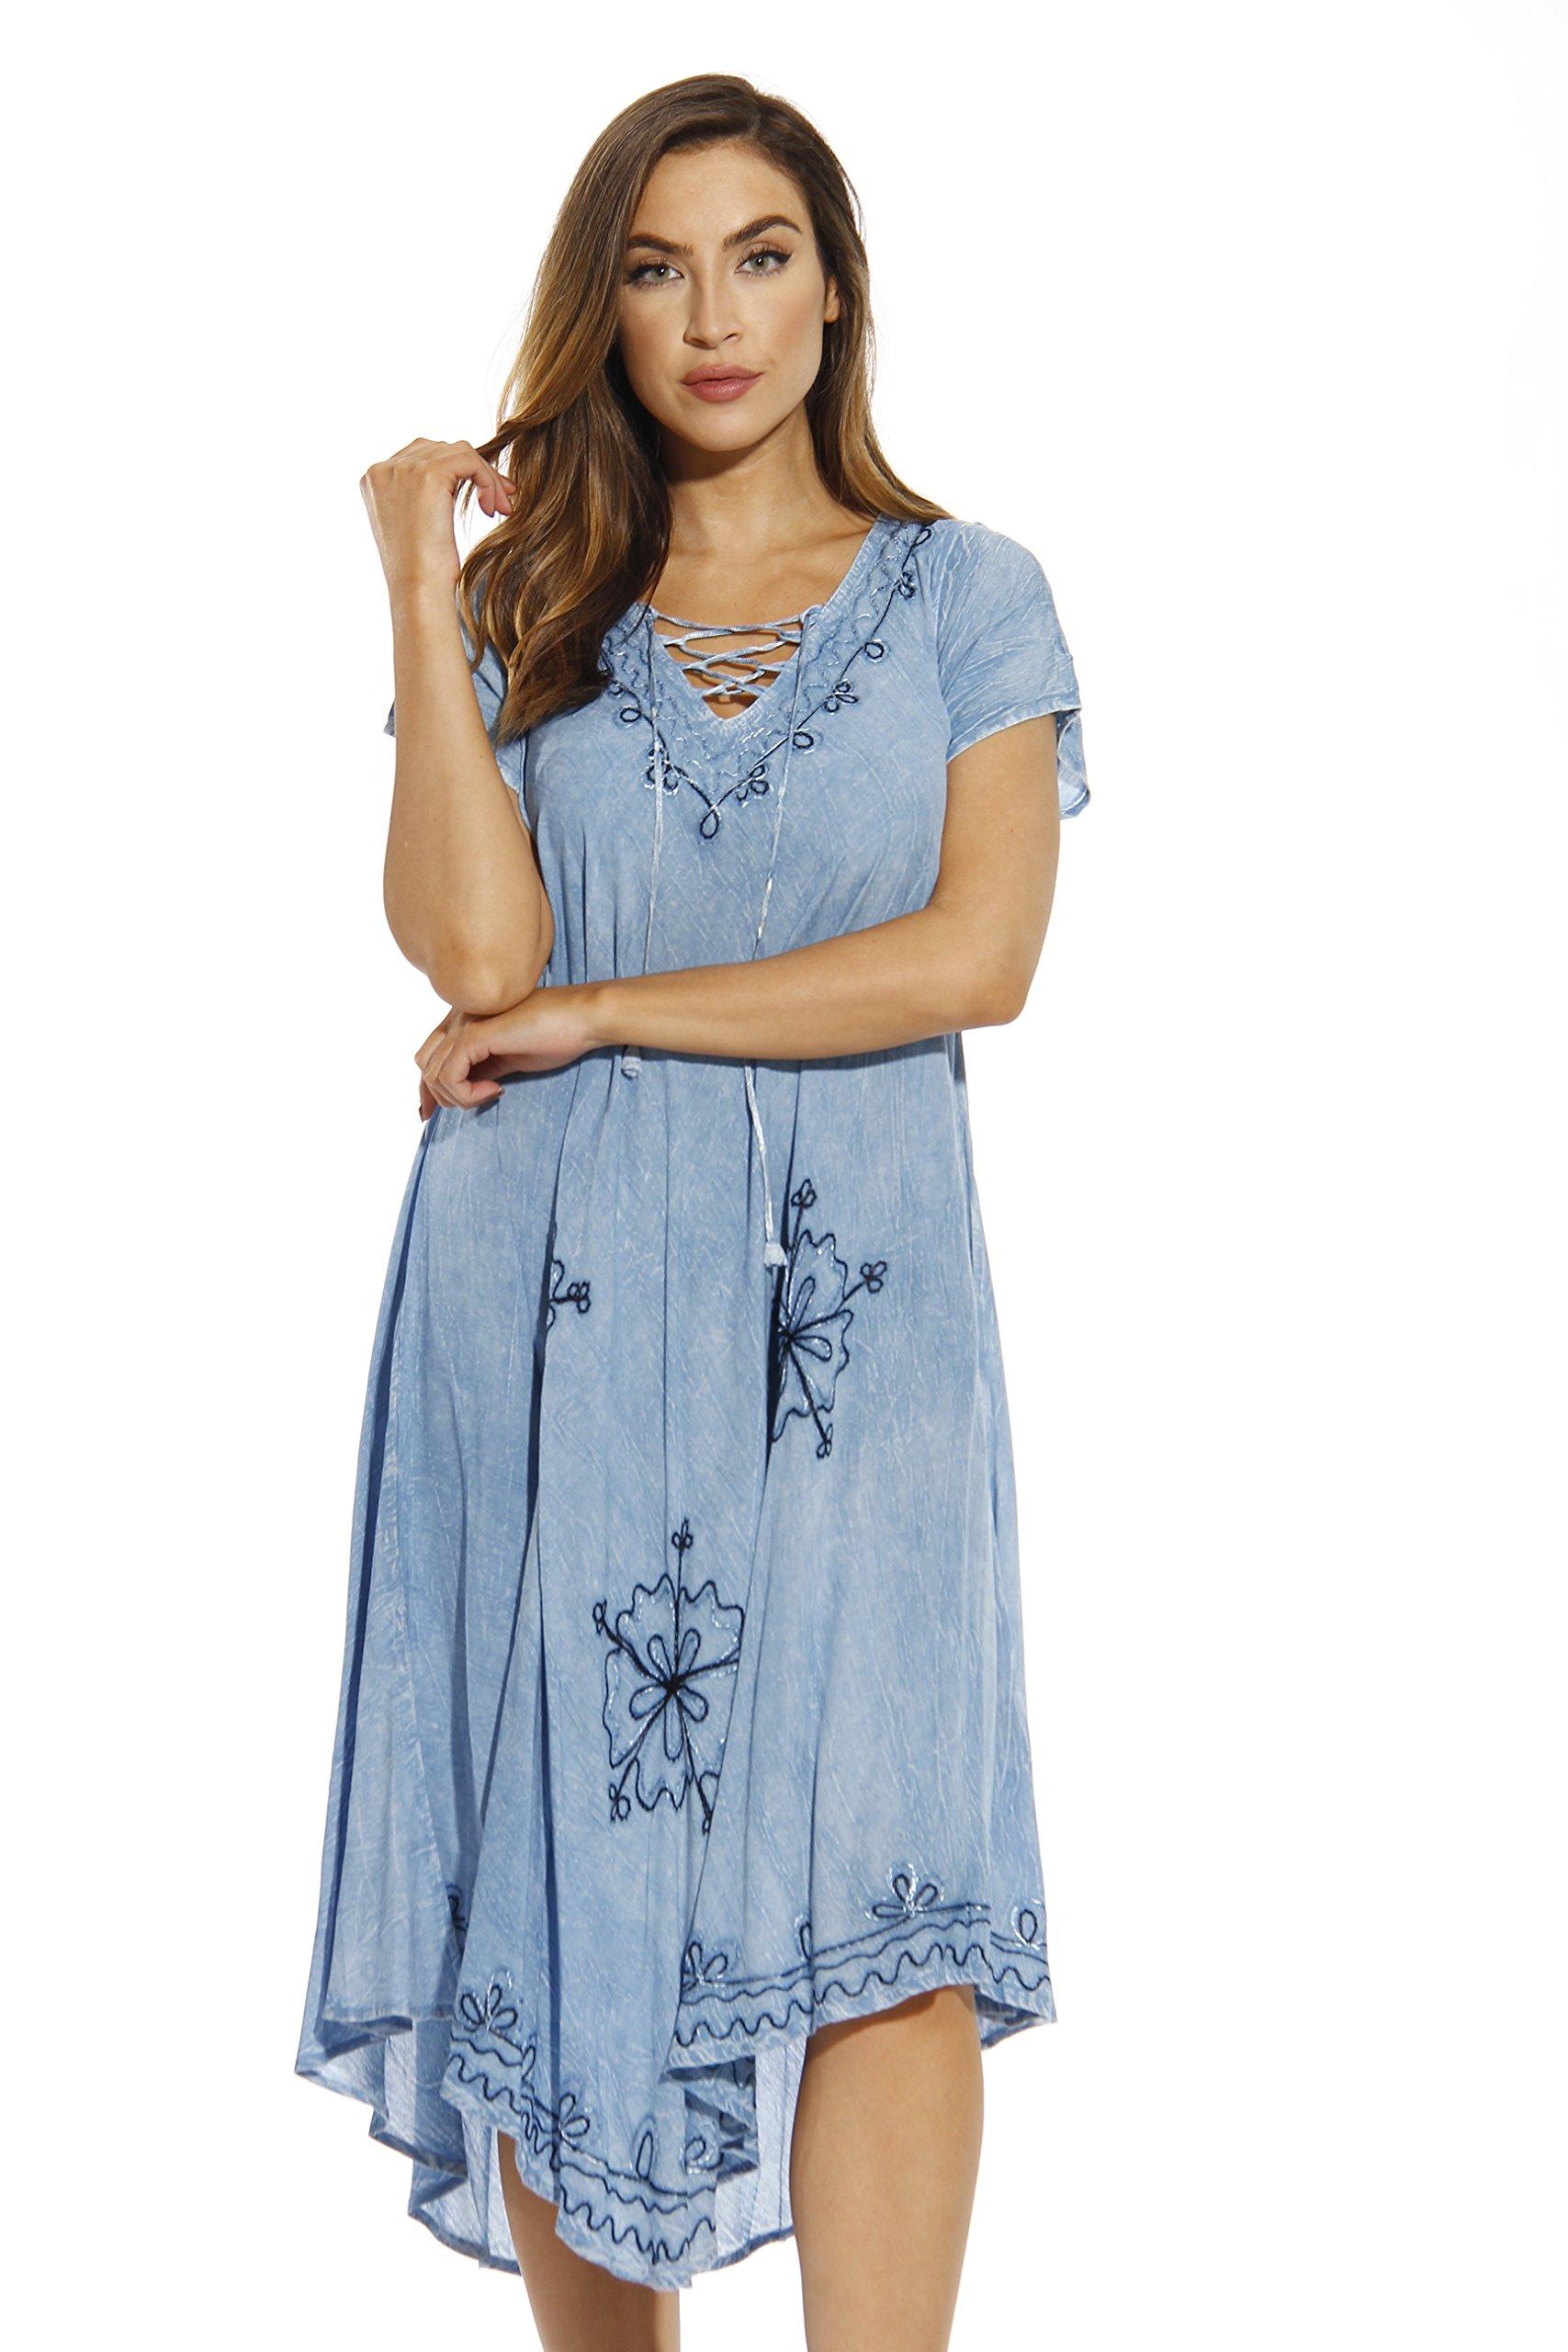 21726-LTDEN-XL Riviera Sun Dress / Dresses for Women,Light Denim,X-Large